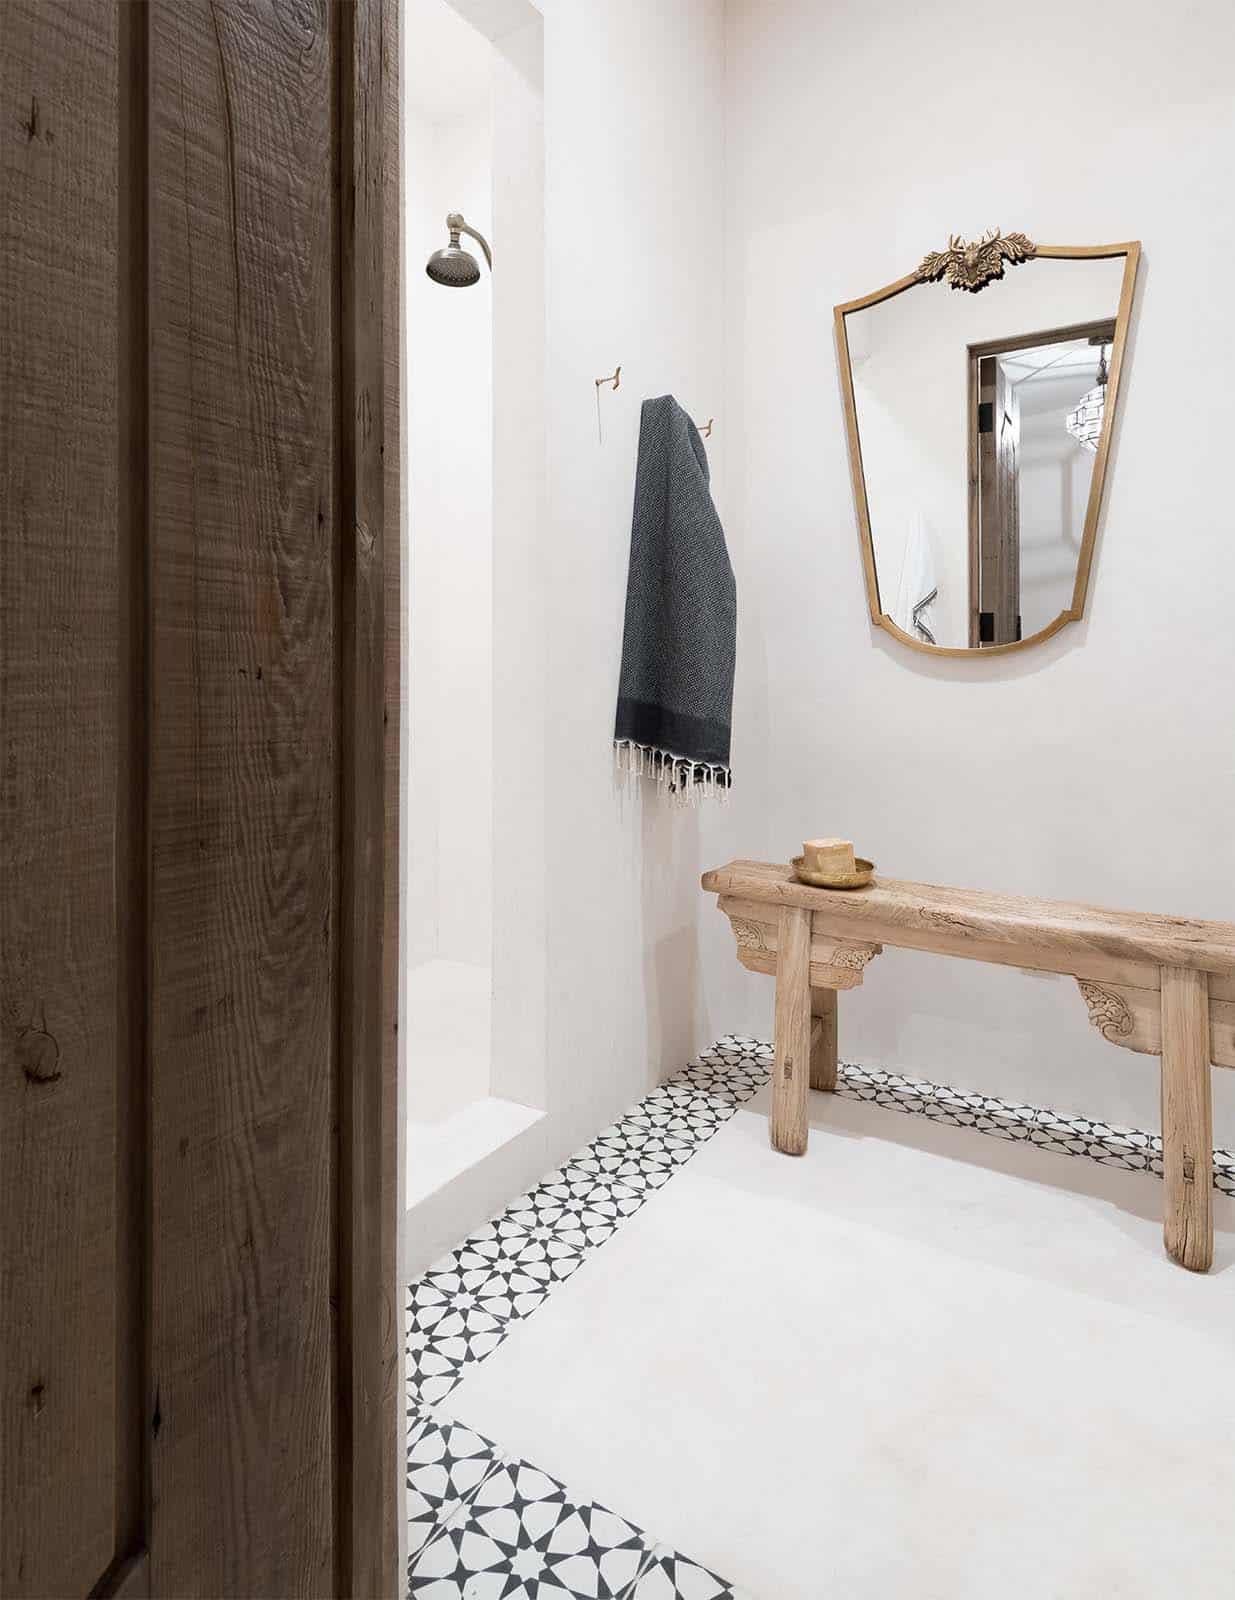 chalet-alpin-maître-salle-de-bains-douche